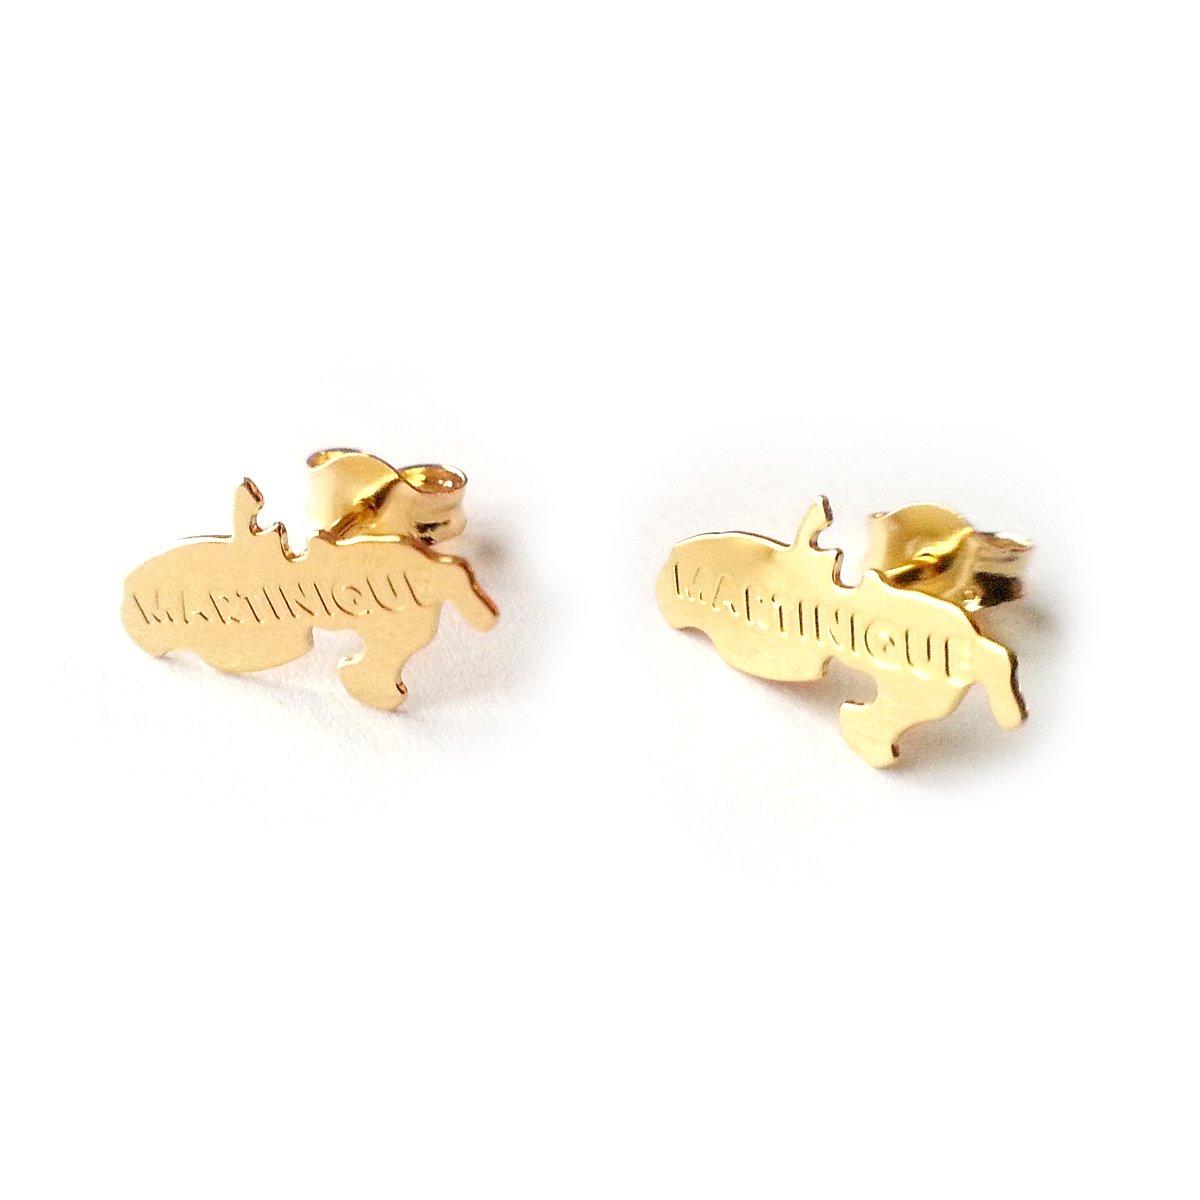 Diamantly - Boucles D'oreilles Carte Martinique - or 375/1000 (9 Carats) - Femme - Fille